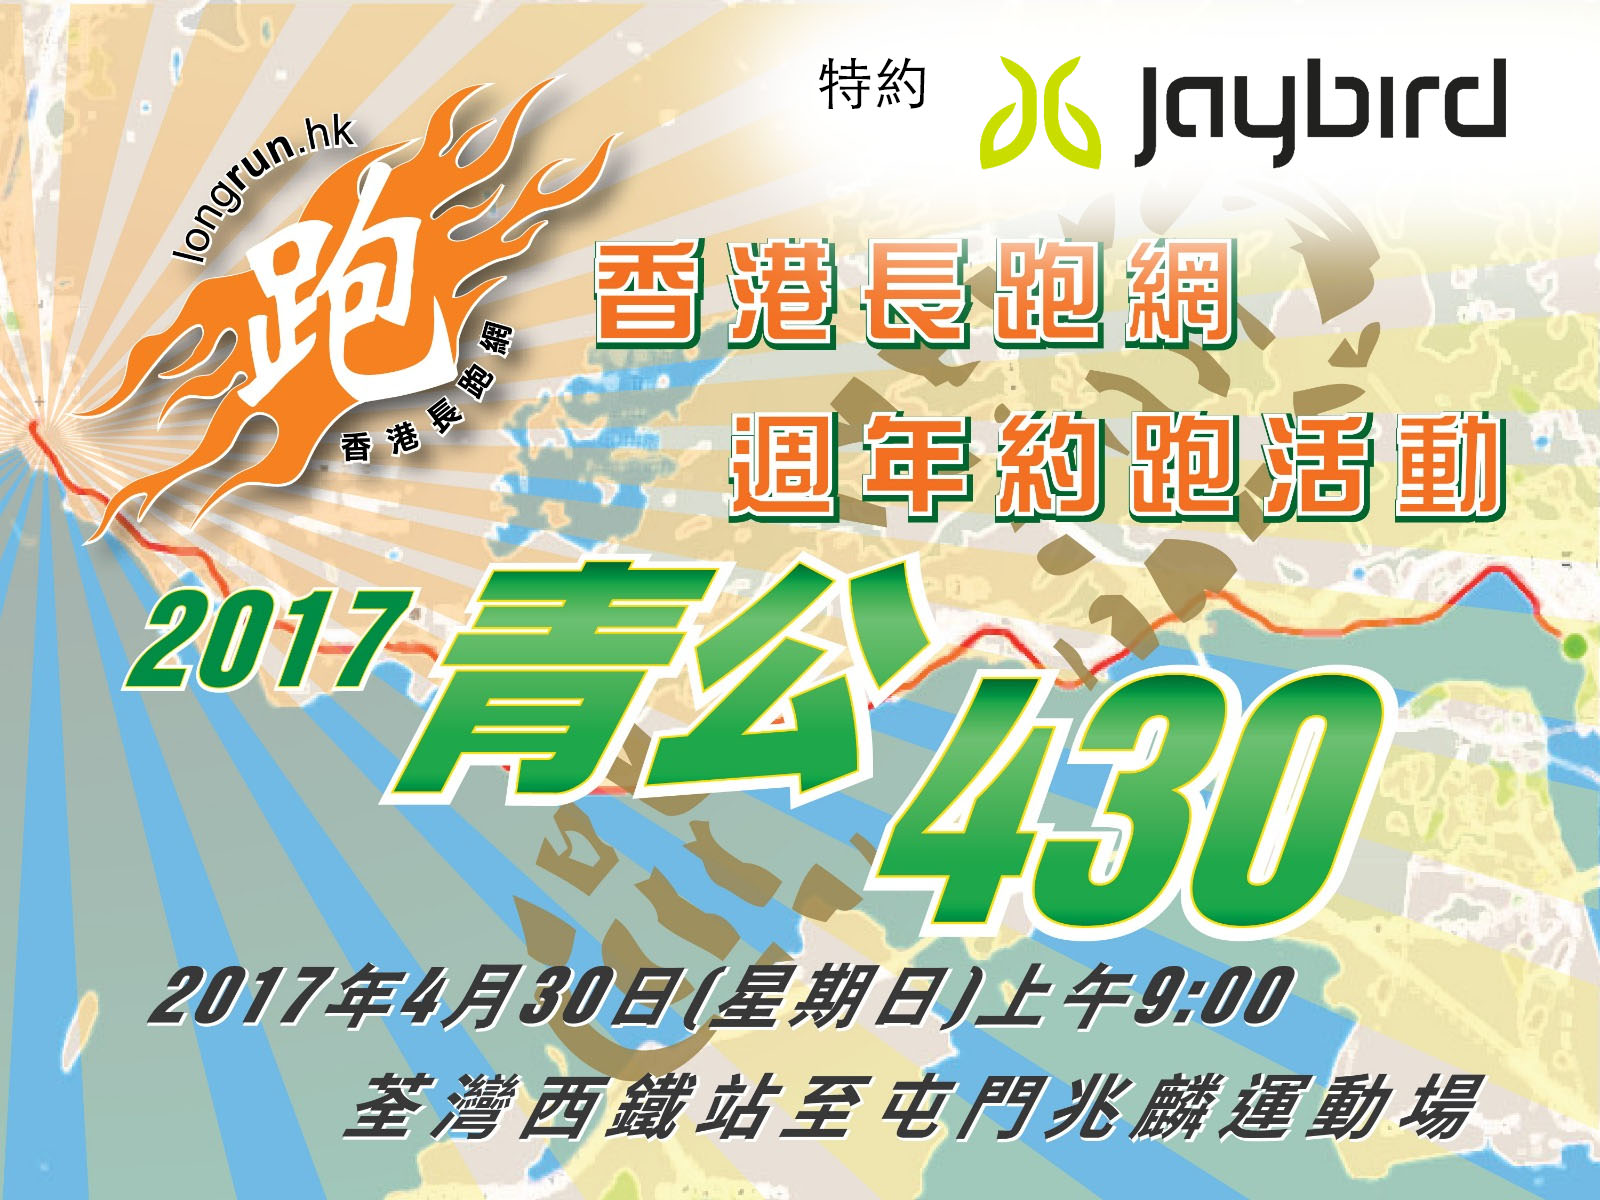 2017青公430